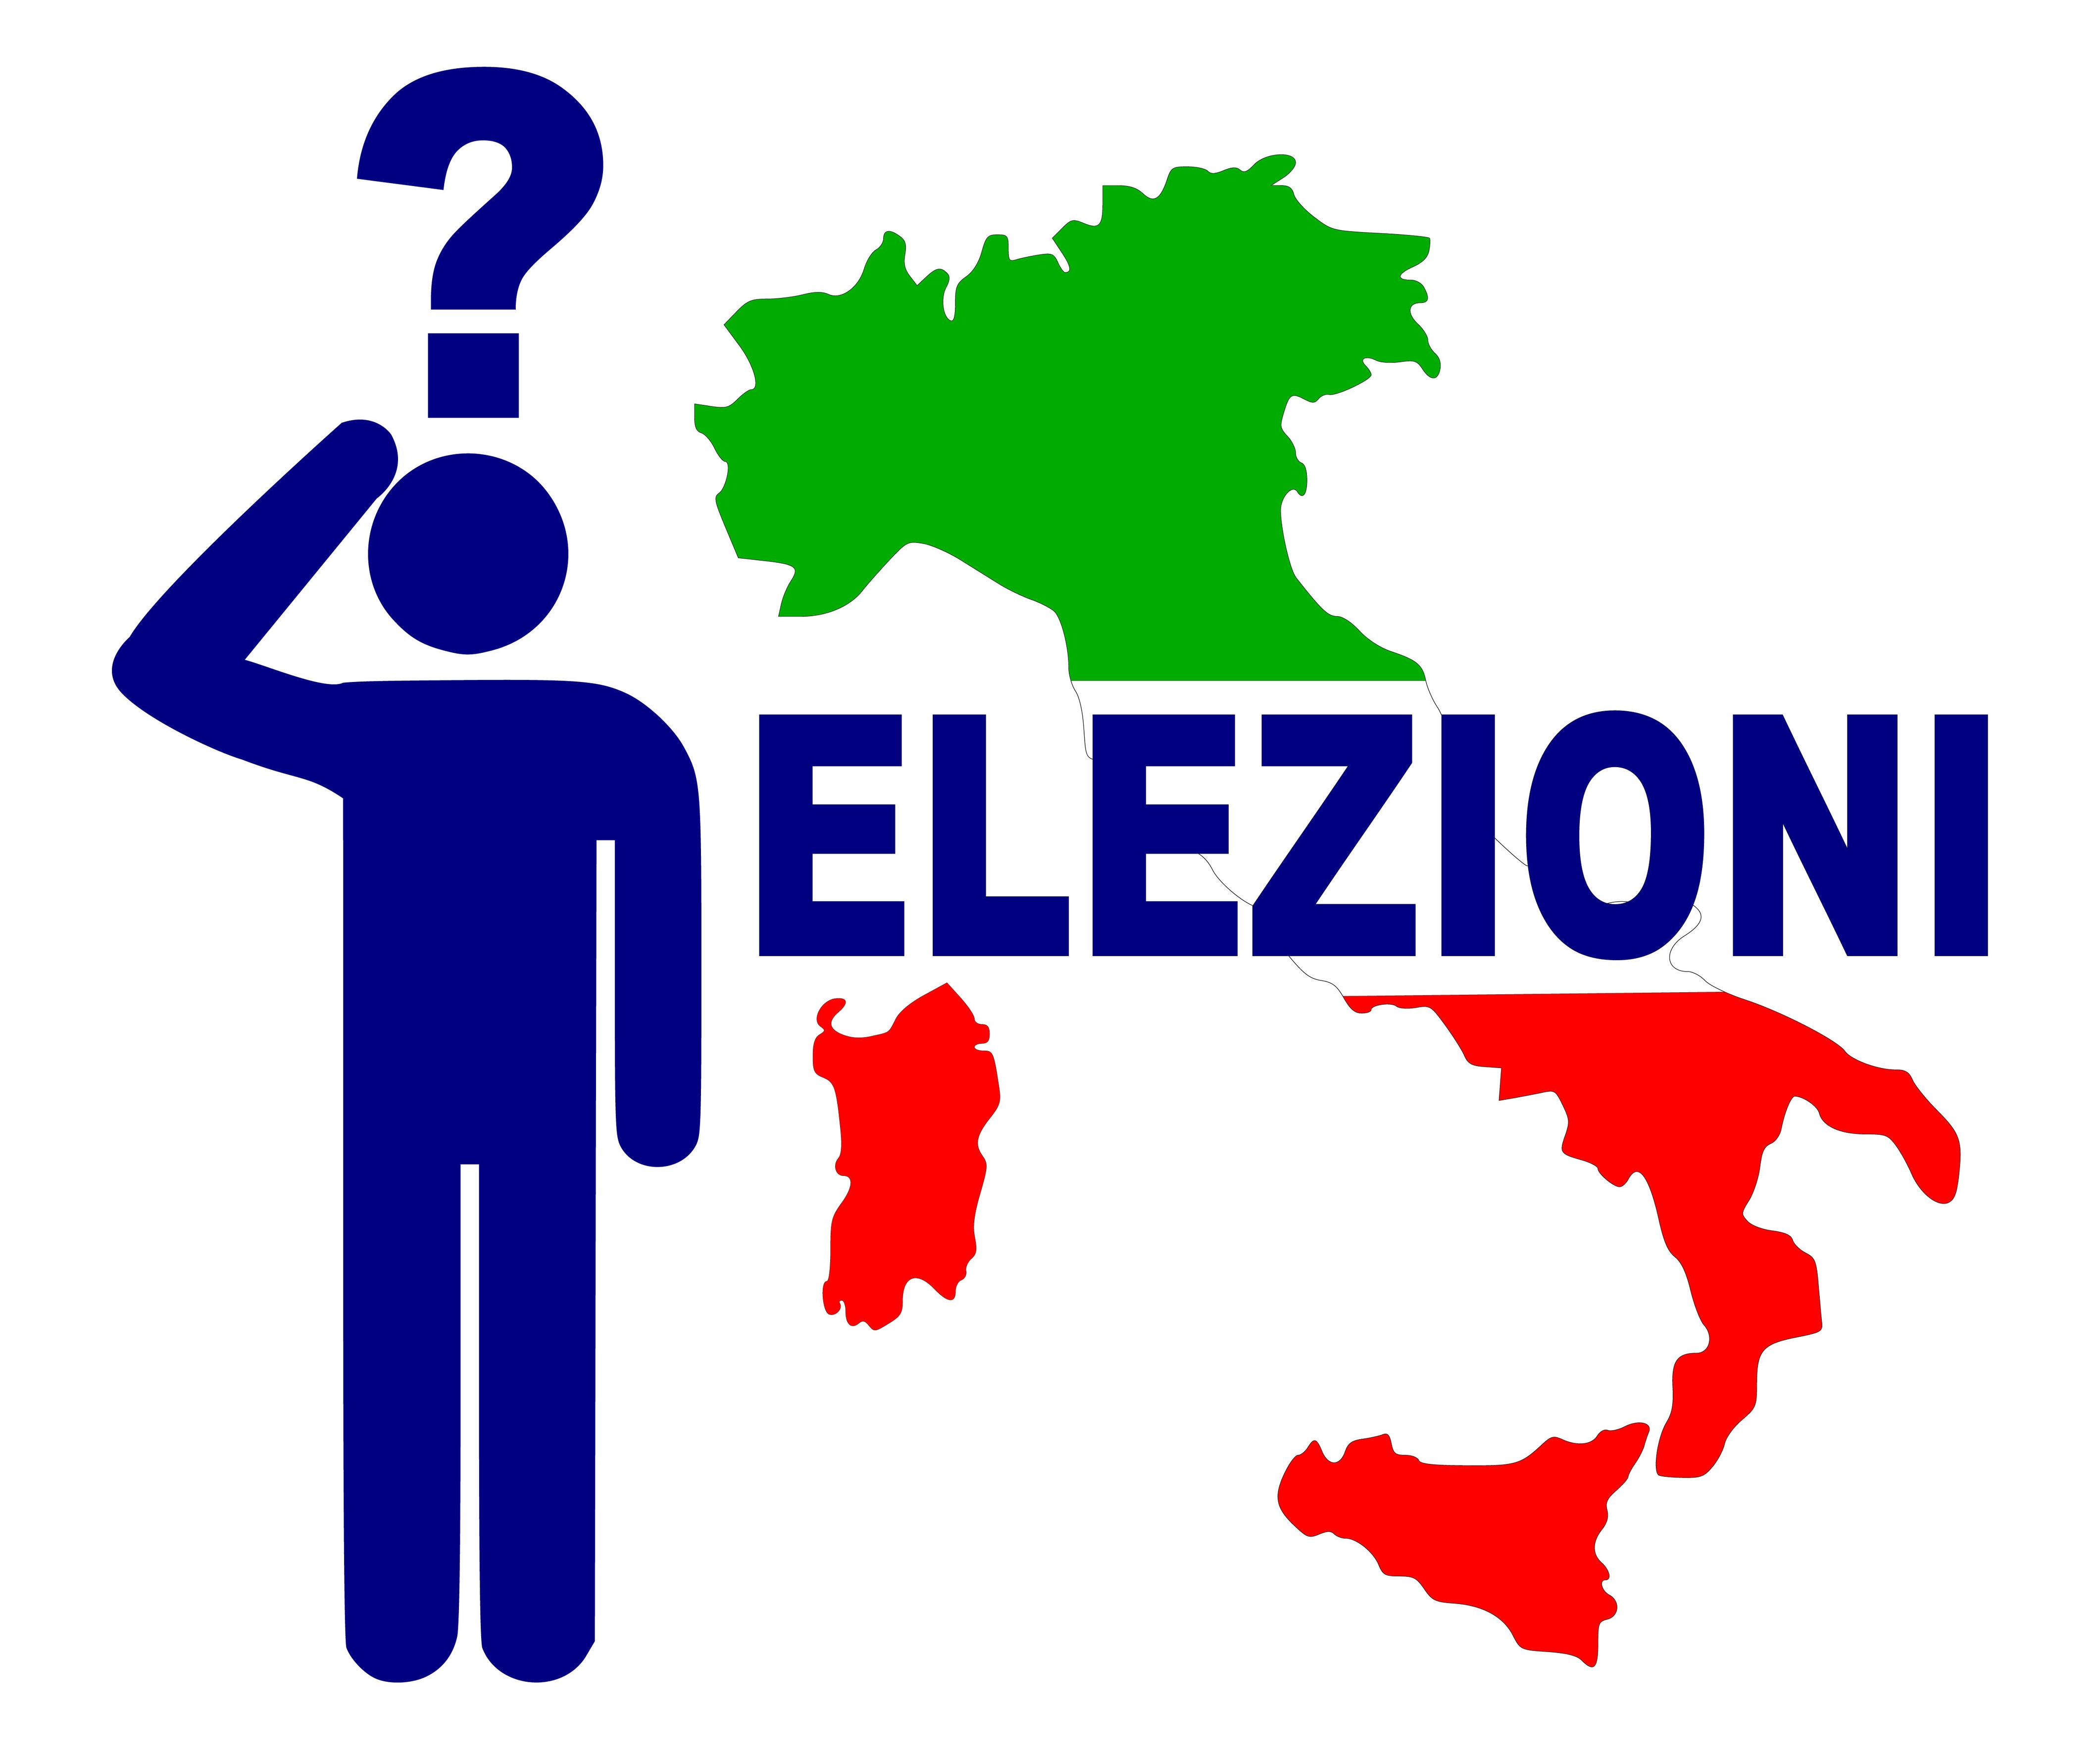 Elezioni politiche italiane